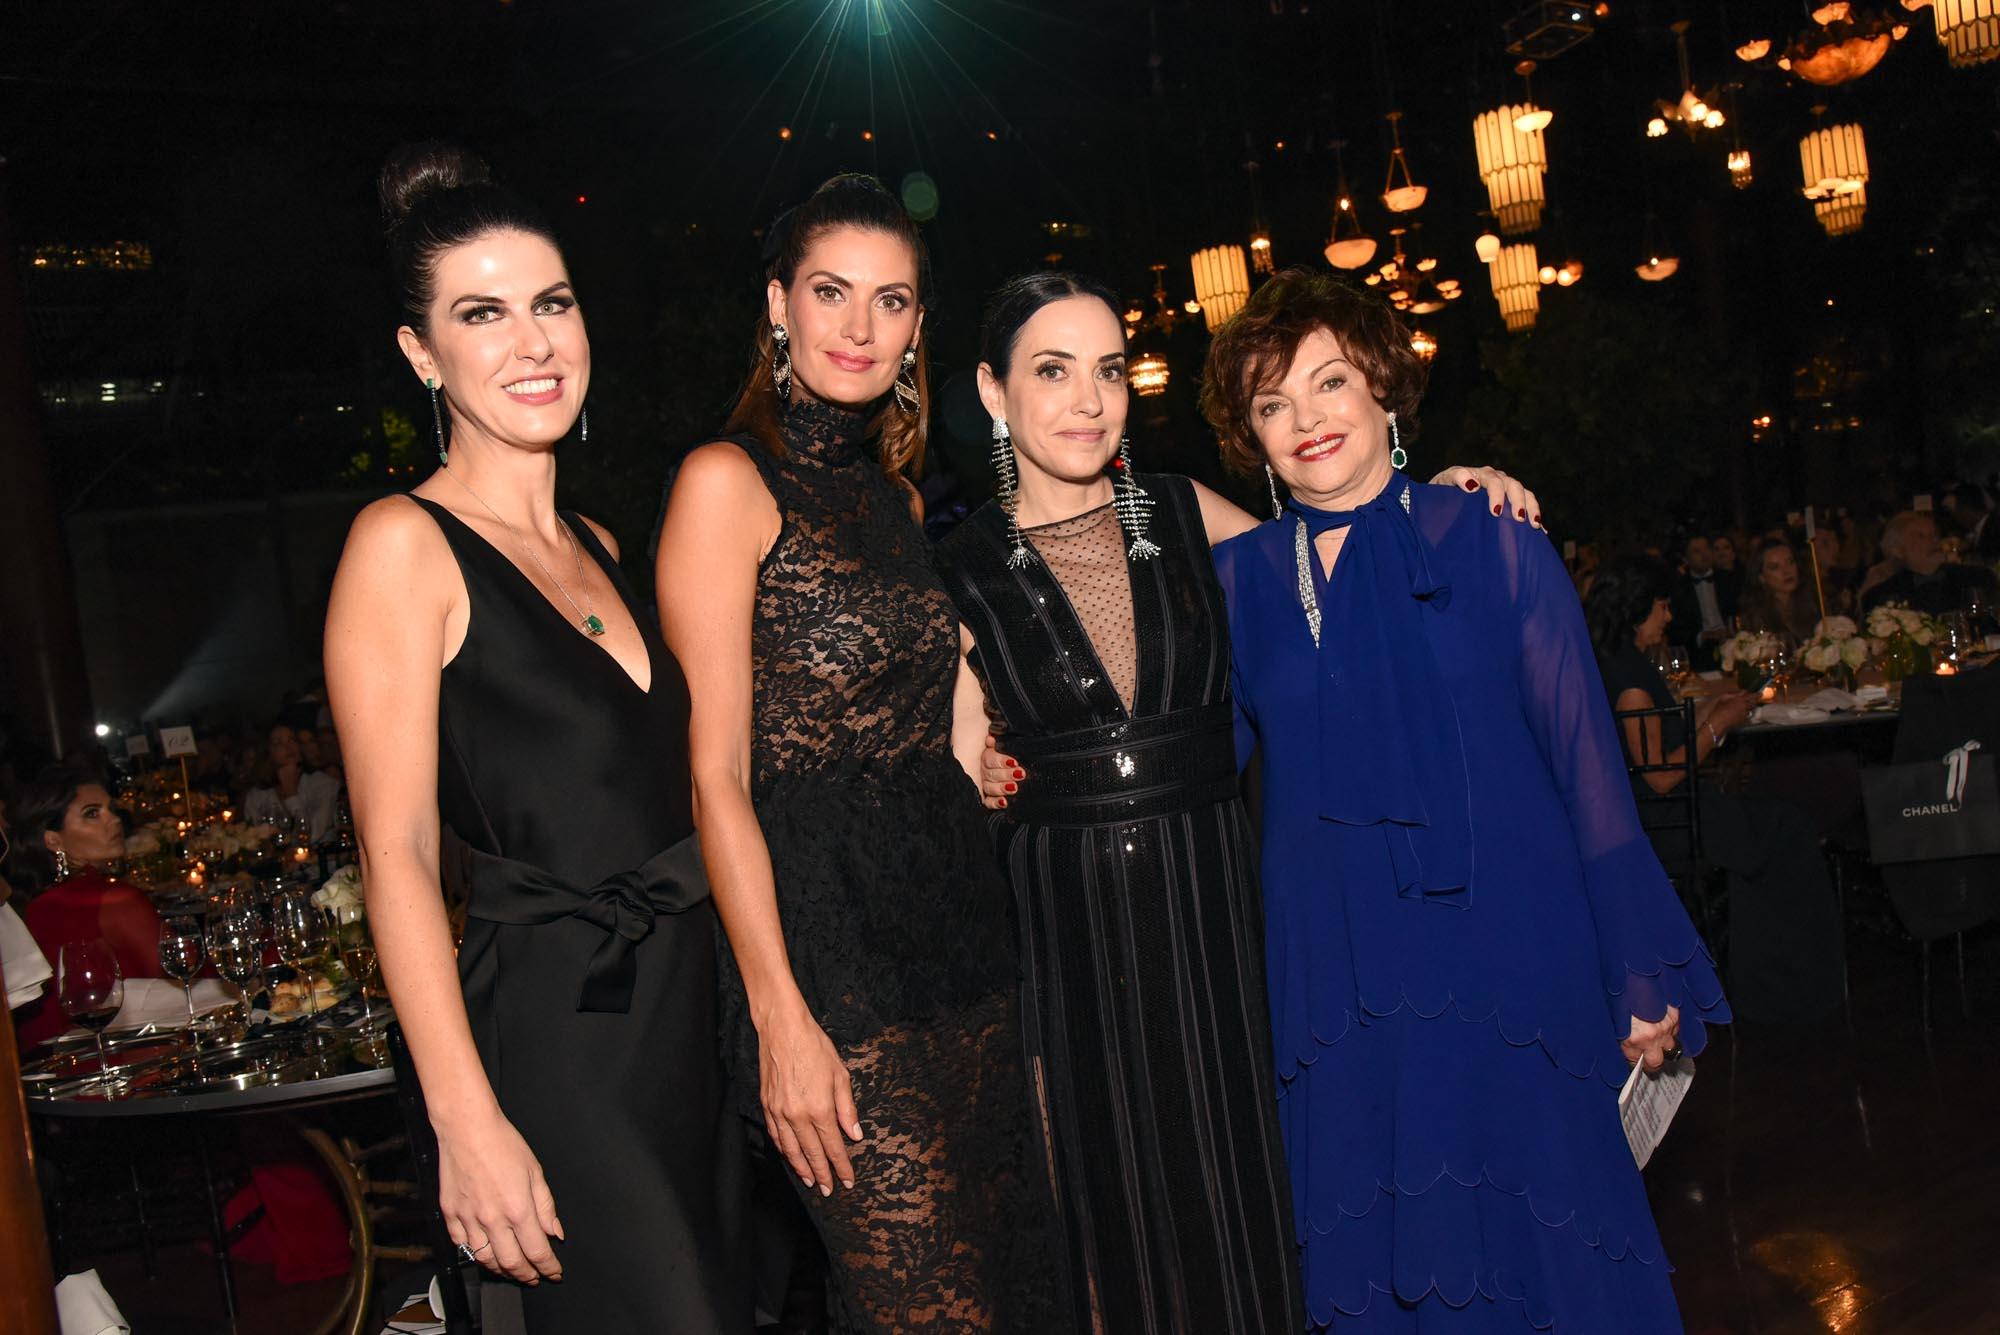 Andrea Bartelle, Isabella Fiorentino, Flavia Lafer e Anna Schvartzman V BrazilFoundation Gala São Paulo Chanel 2018 Filantropia Brasil Philanthropy Brazil